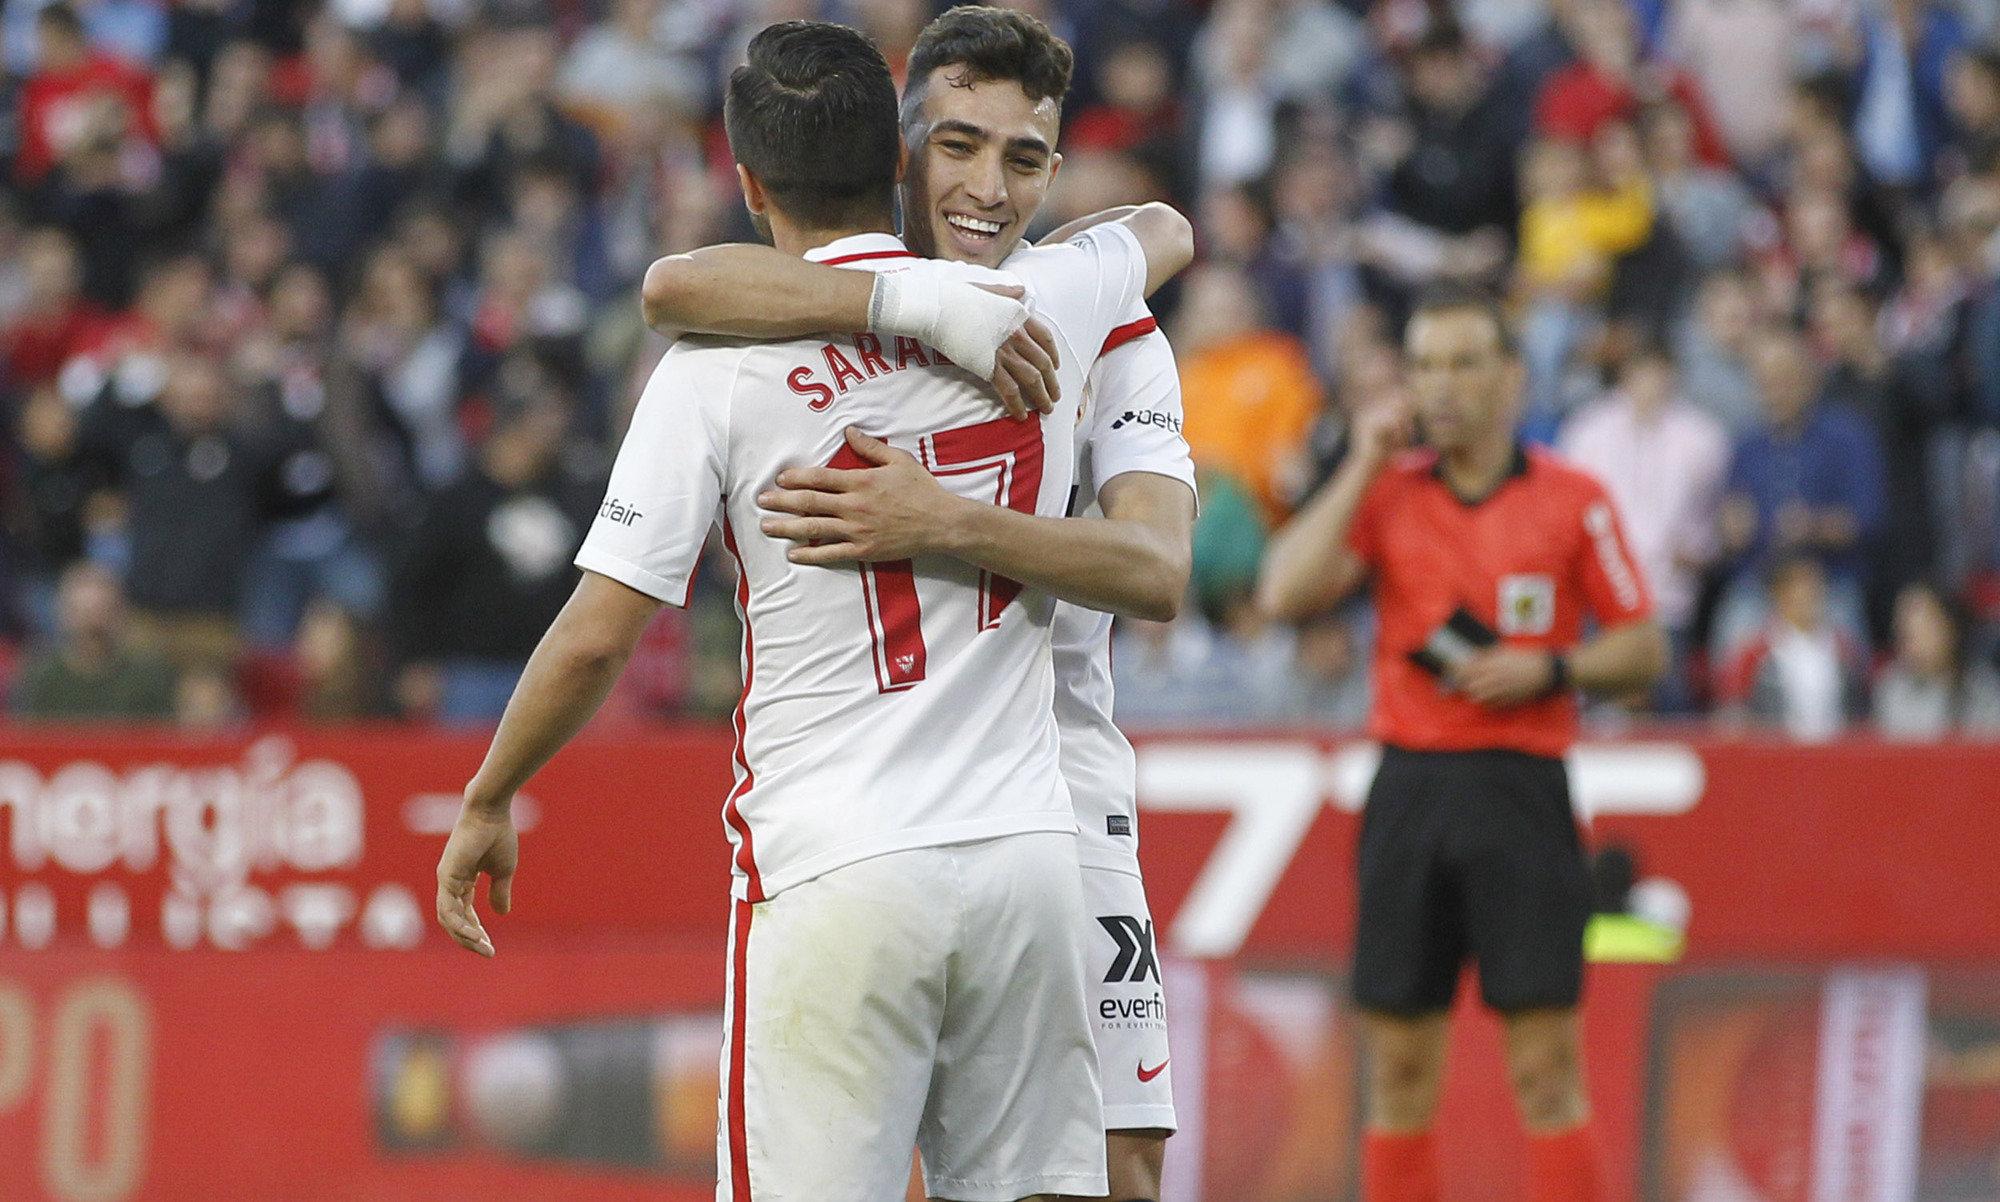 Munir se abraza con Sarabia tras uno de sus dos goles ante el Rayo.